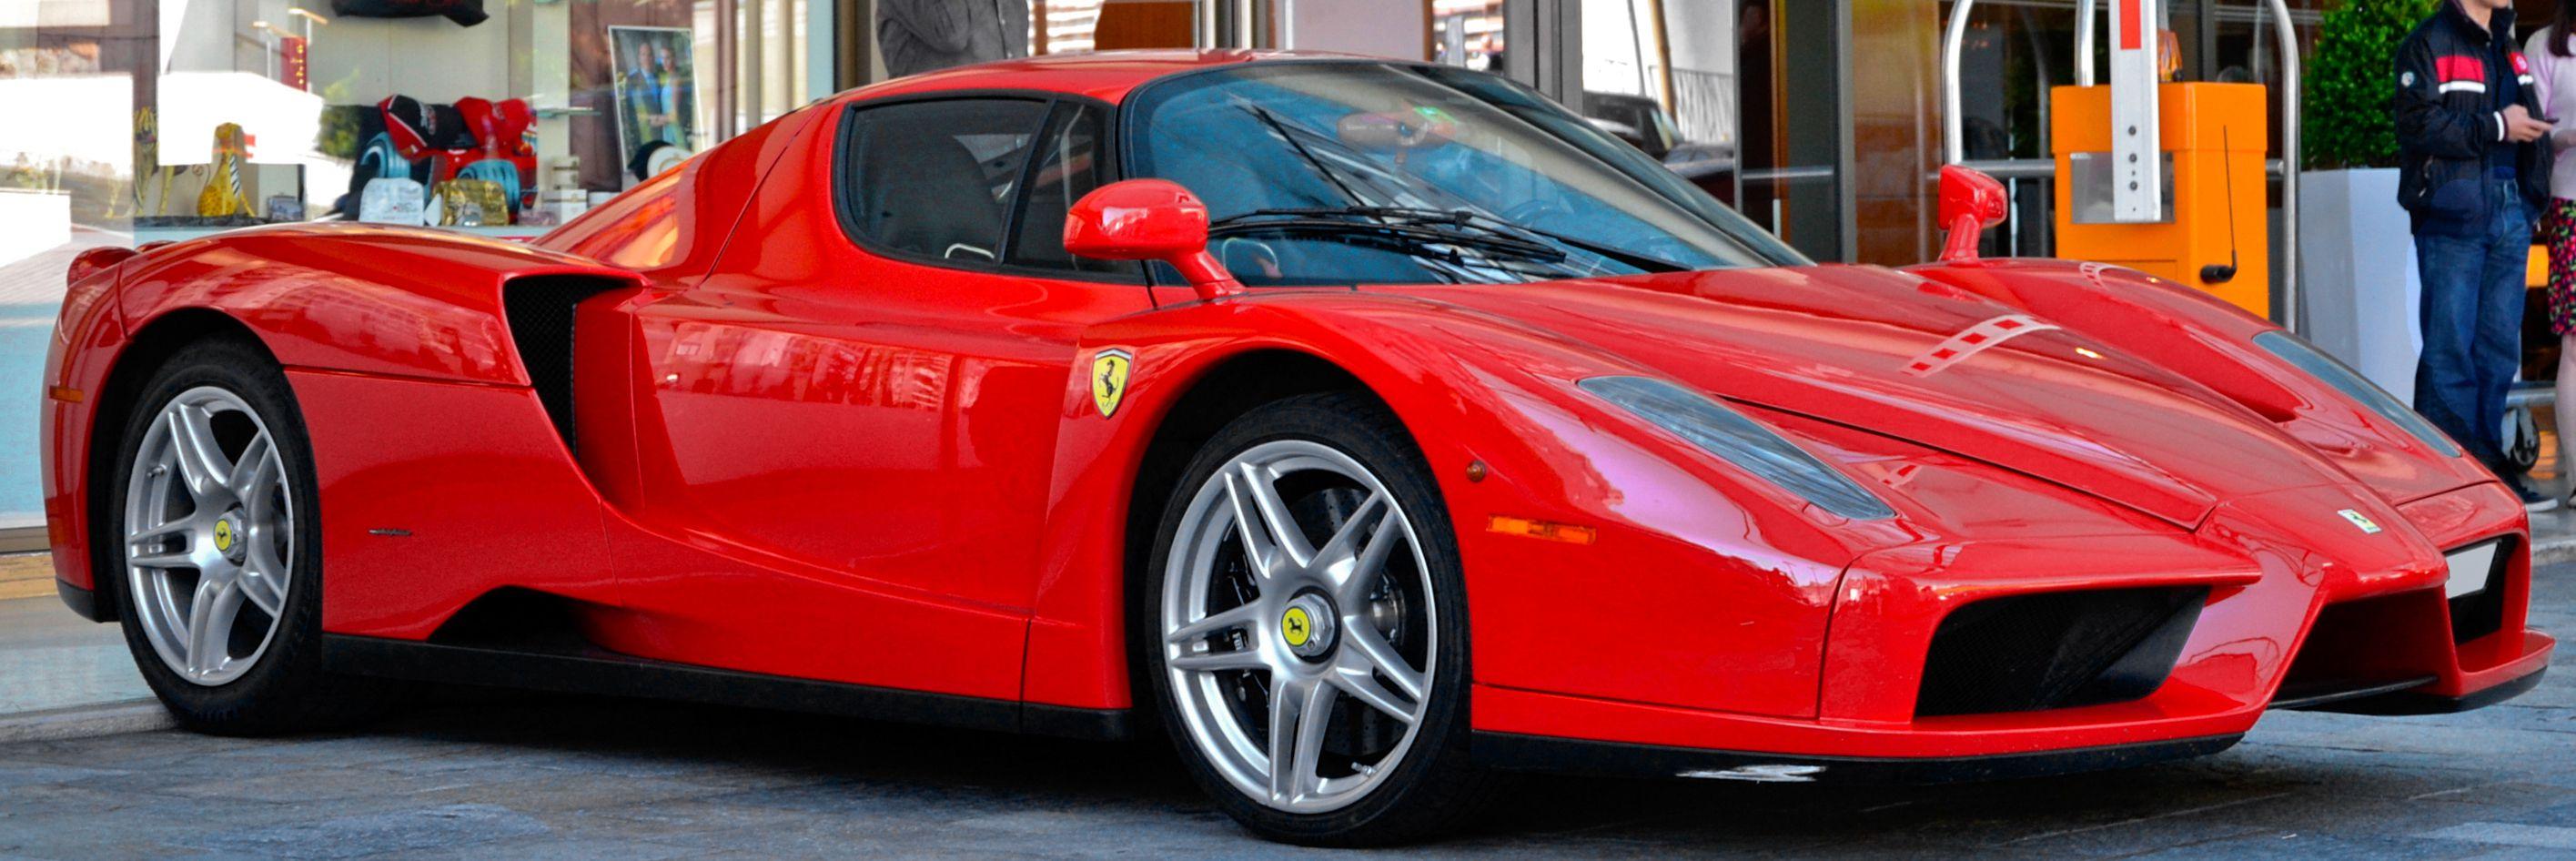 Profile Of The Ferrari Enzo